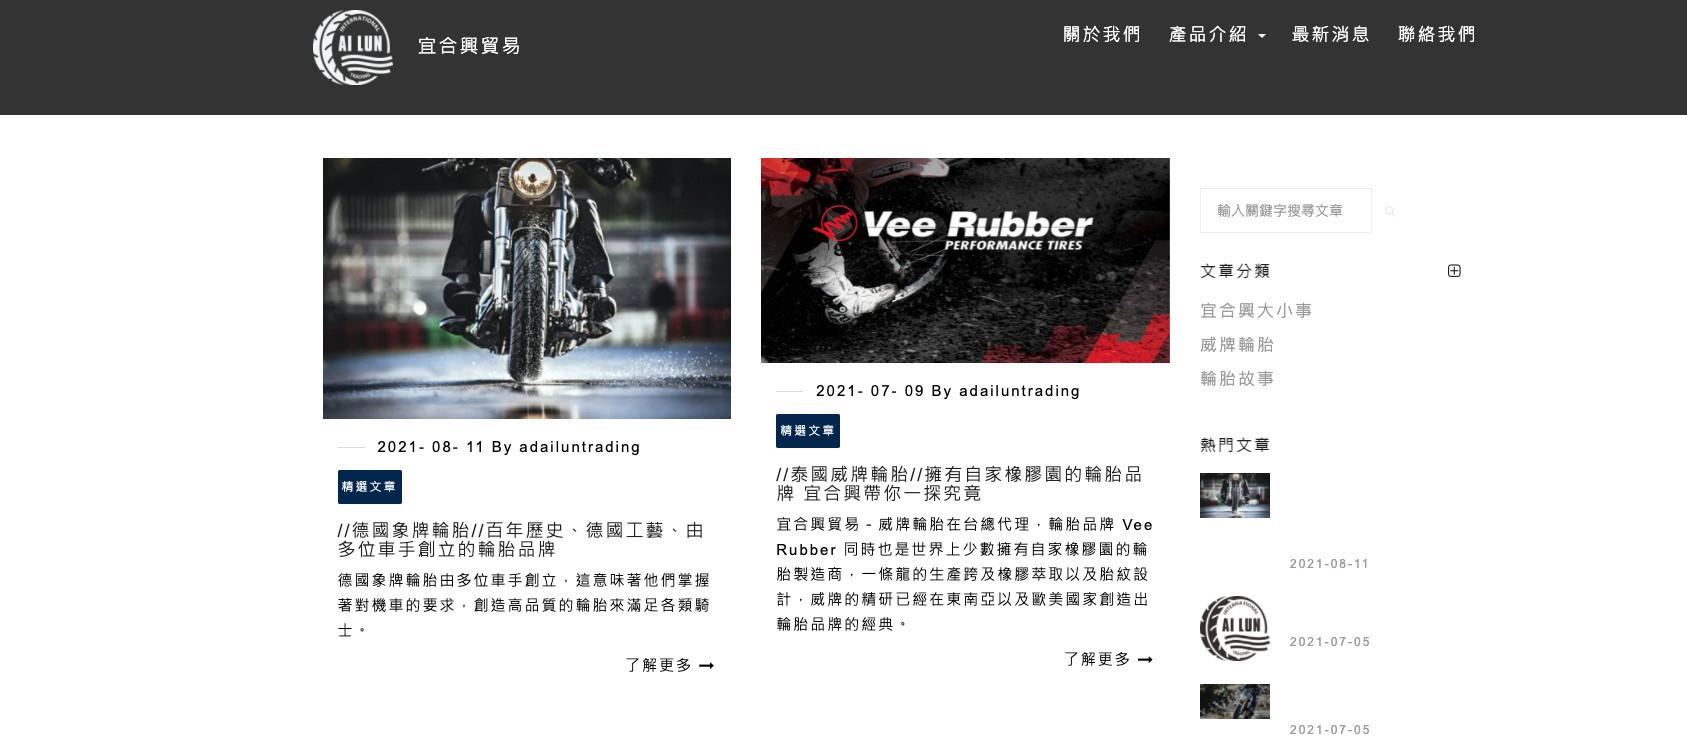 高雄SEO優化網頁設計成功案例-部落格文章 宜合興機車零件及輪胎貿易商